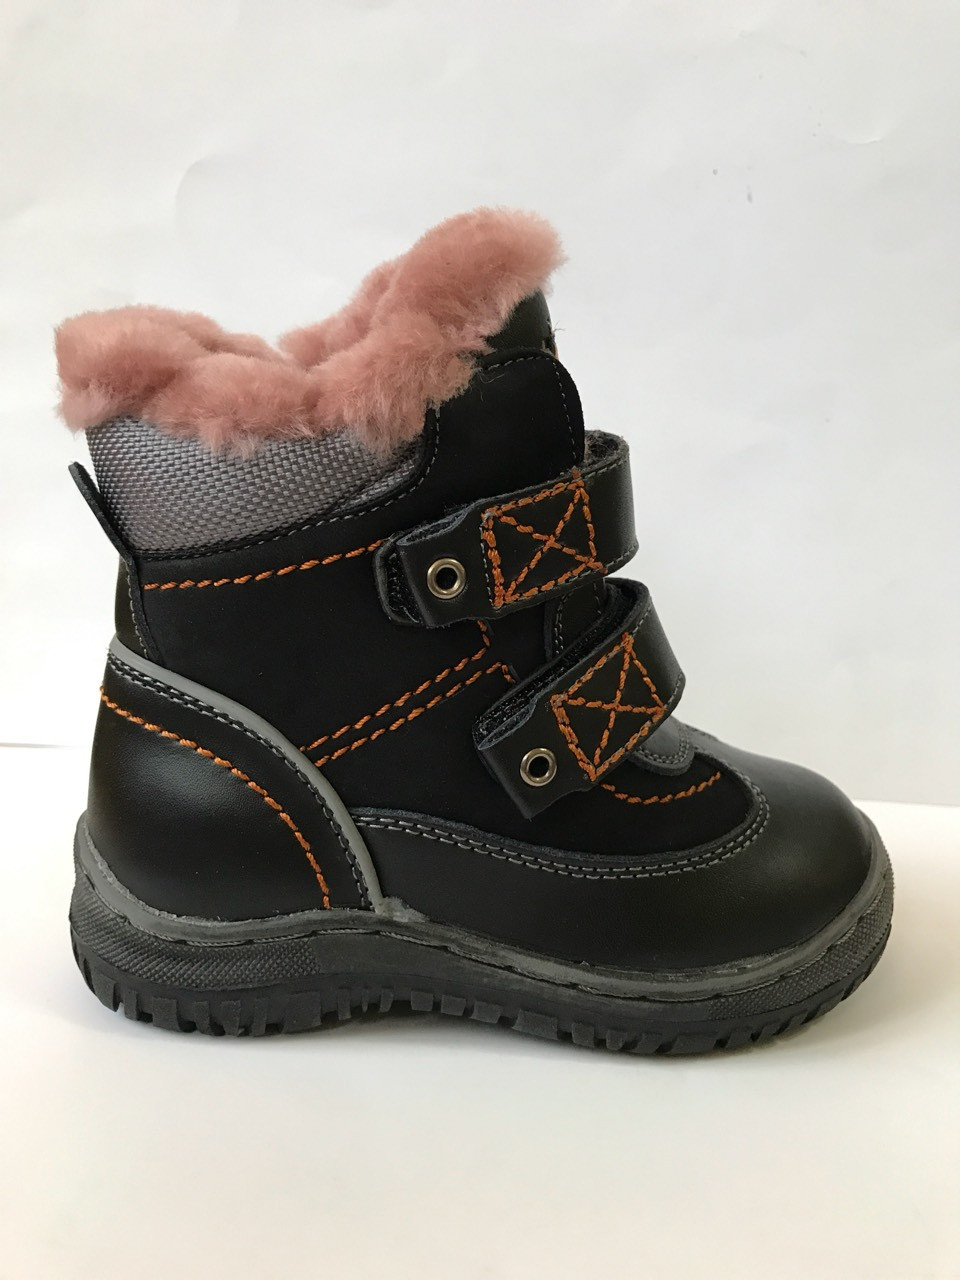 f19583ce2 Зимние детские ботинки Baby Sky (а2180) 25 размер - Интернет-магазин